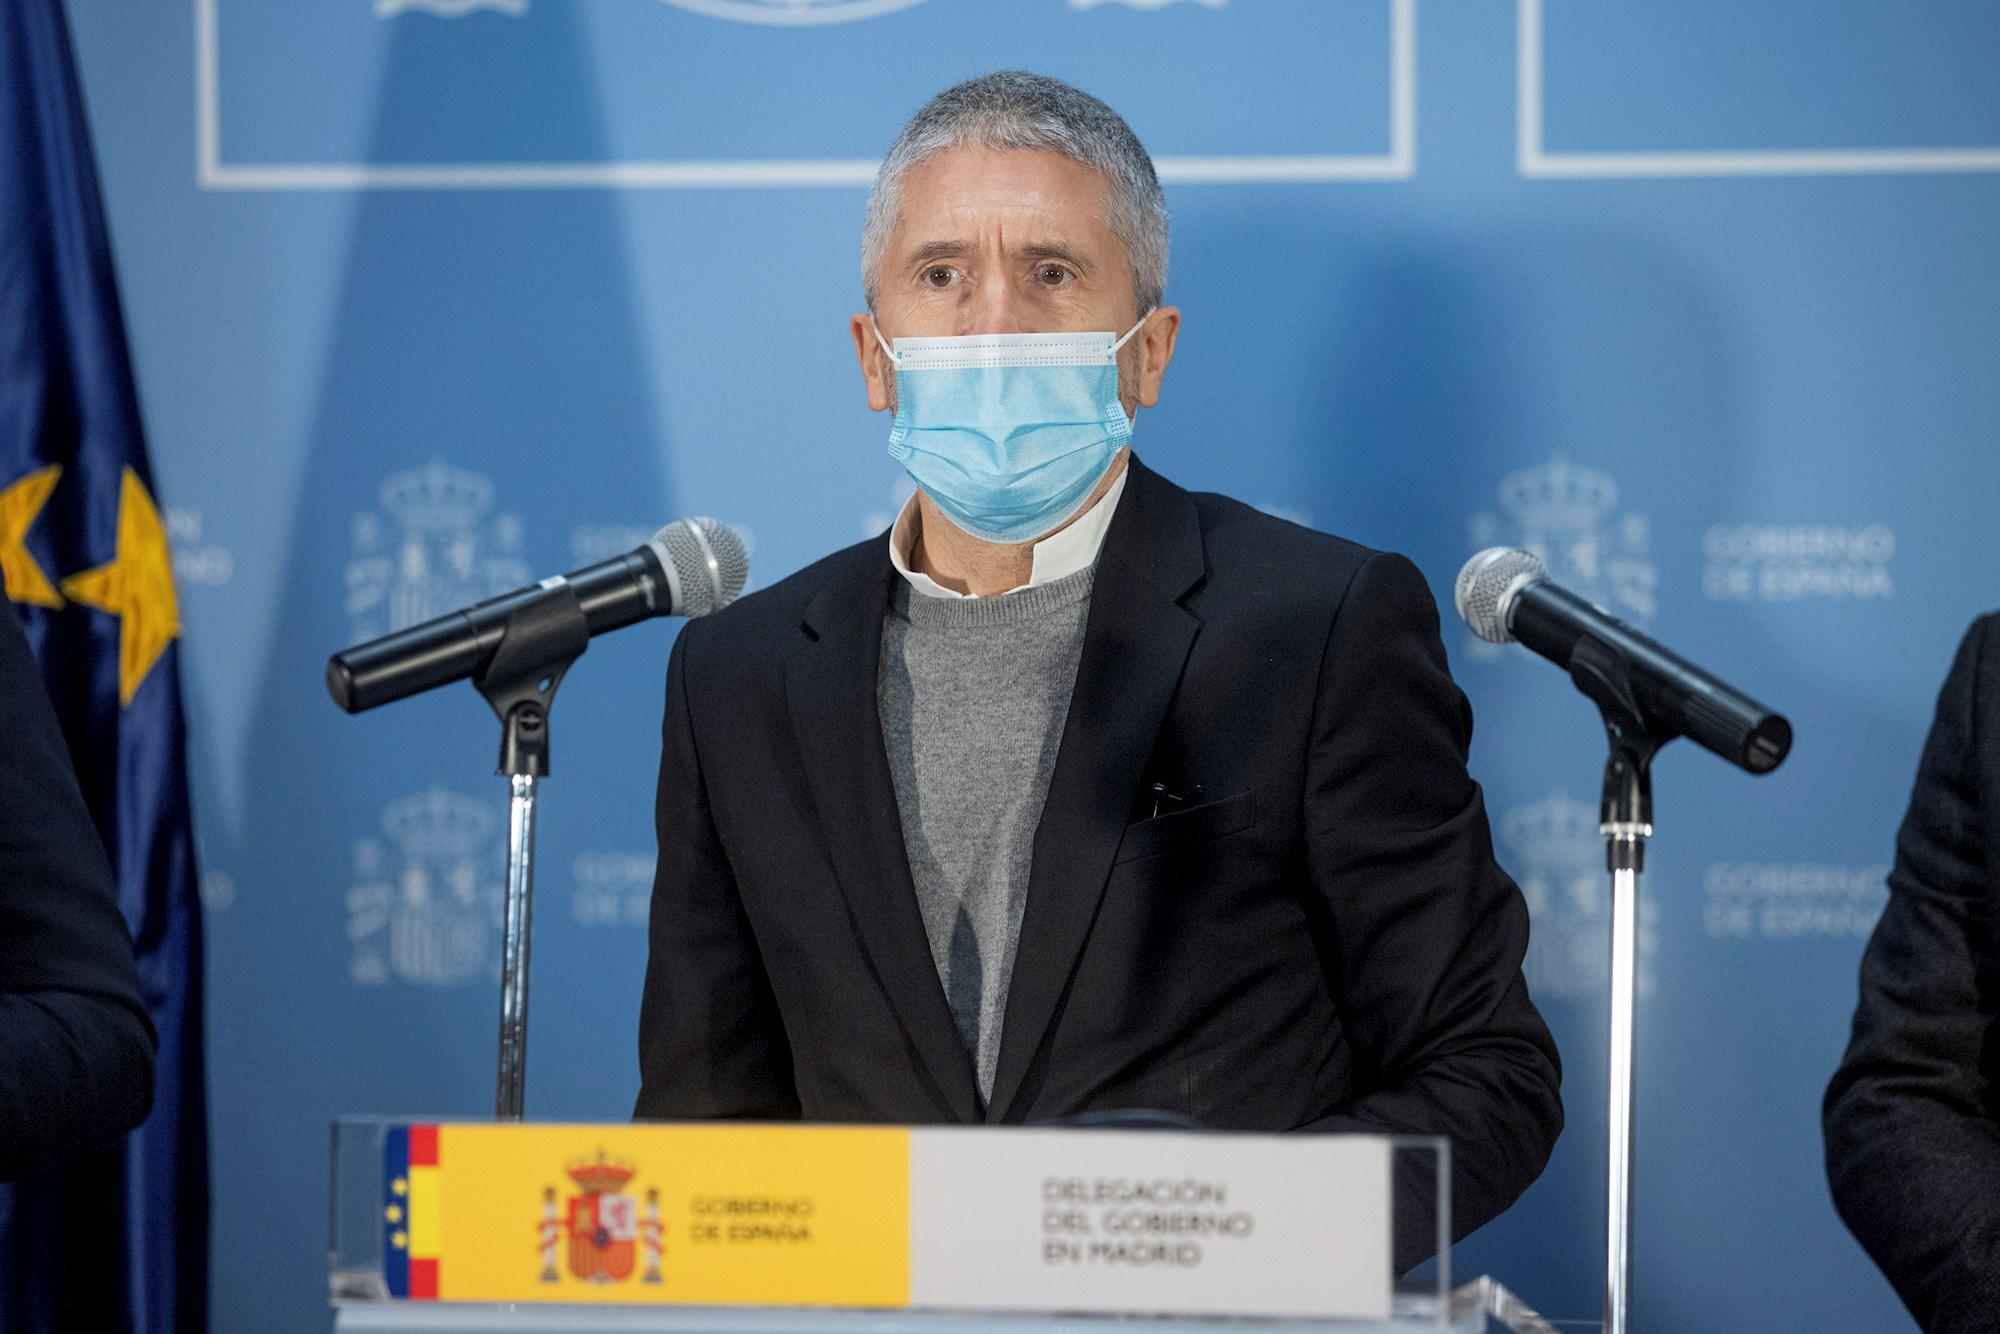 El ministro del Interior, Fernando Grande-Marlaska, en una rueda de prensa sobre el temporal 'Filomena', el 10 de enero de 2021 desde la Delegación del Gobierno en Madrid | EFE/RJ